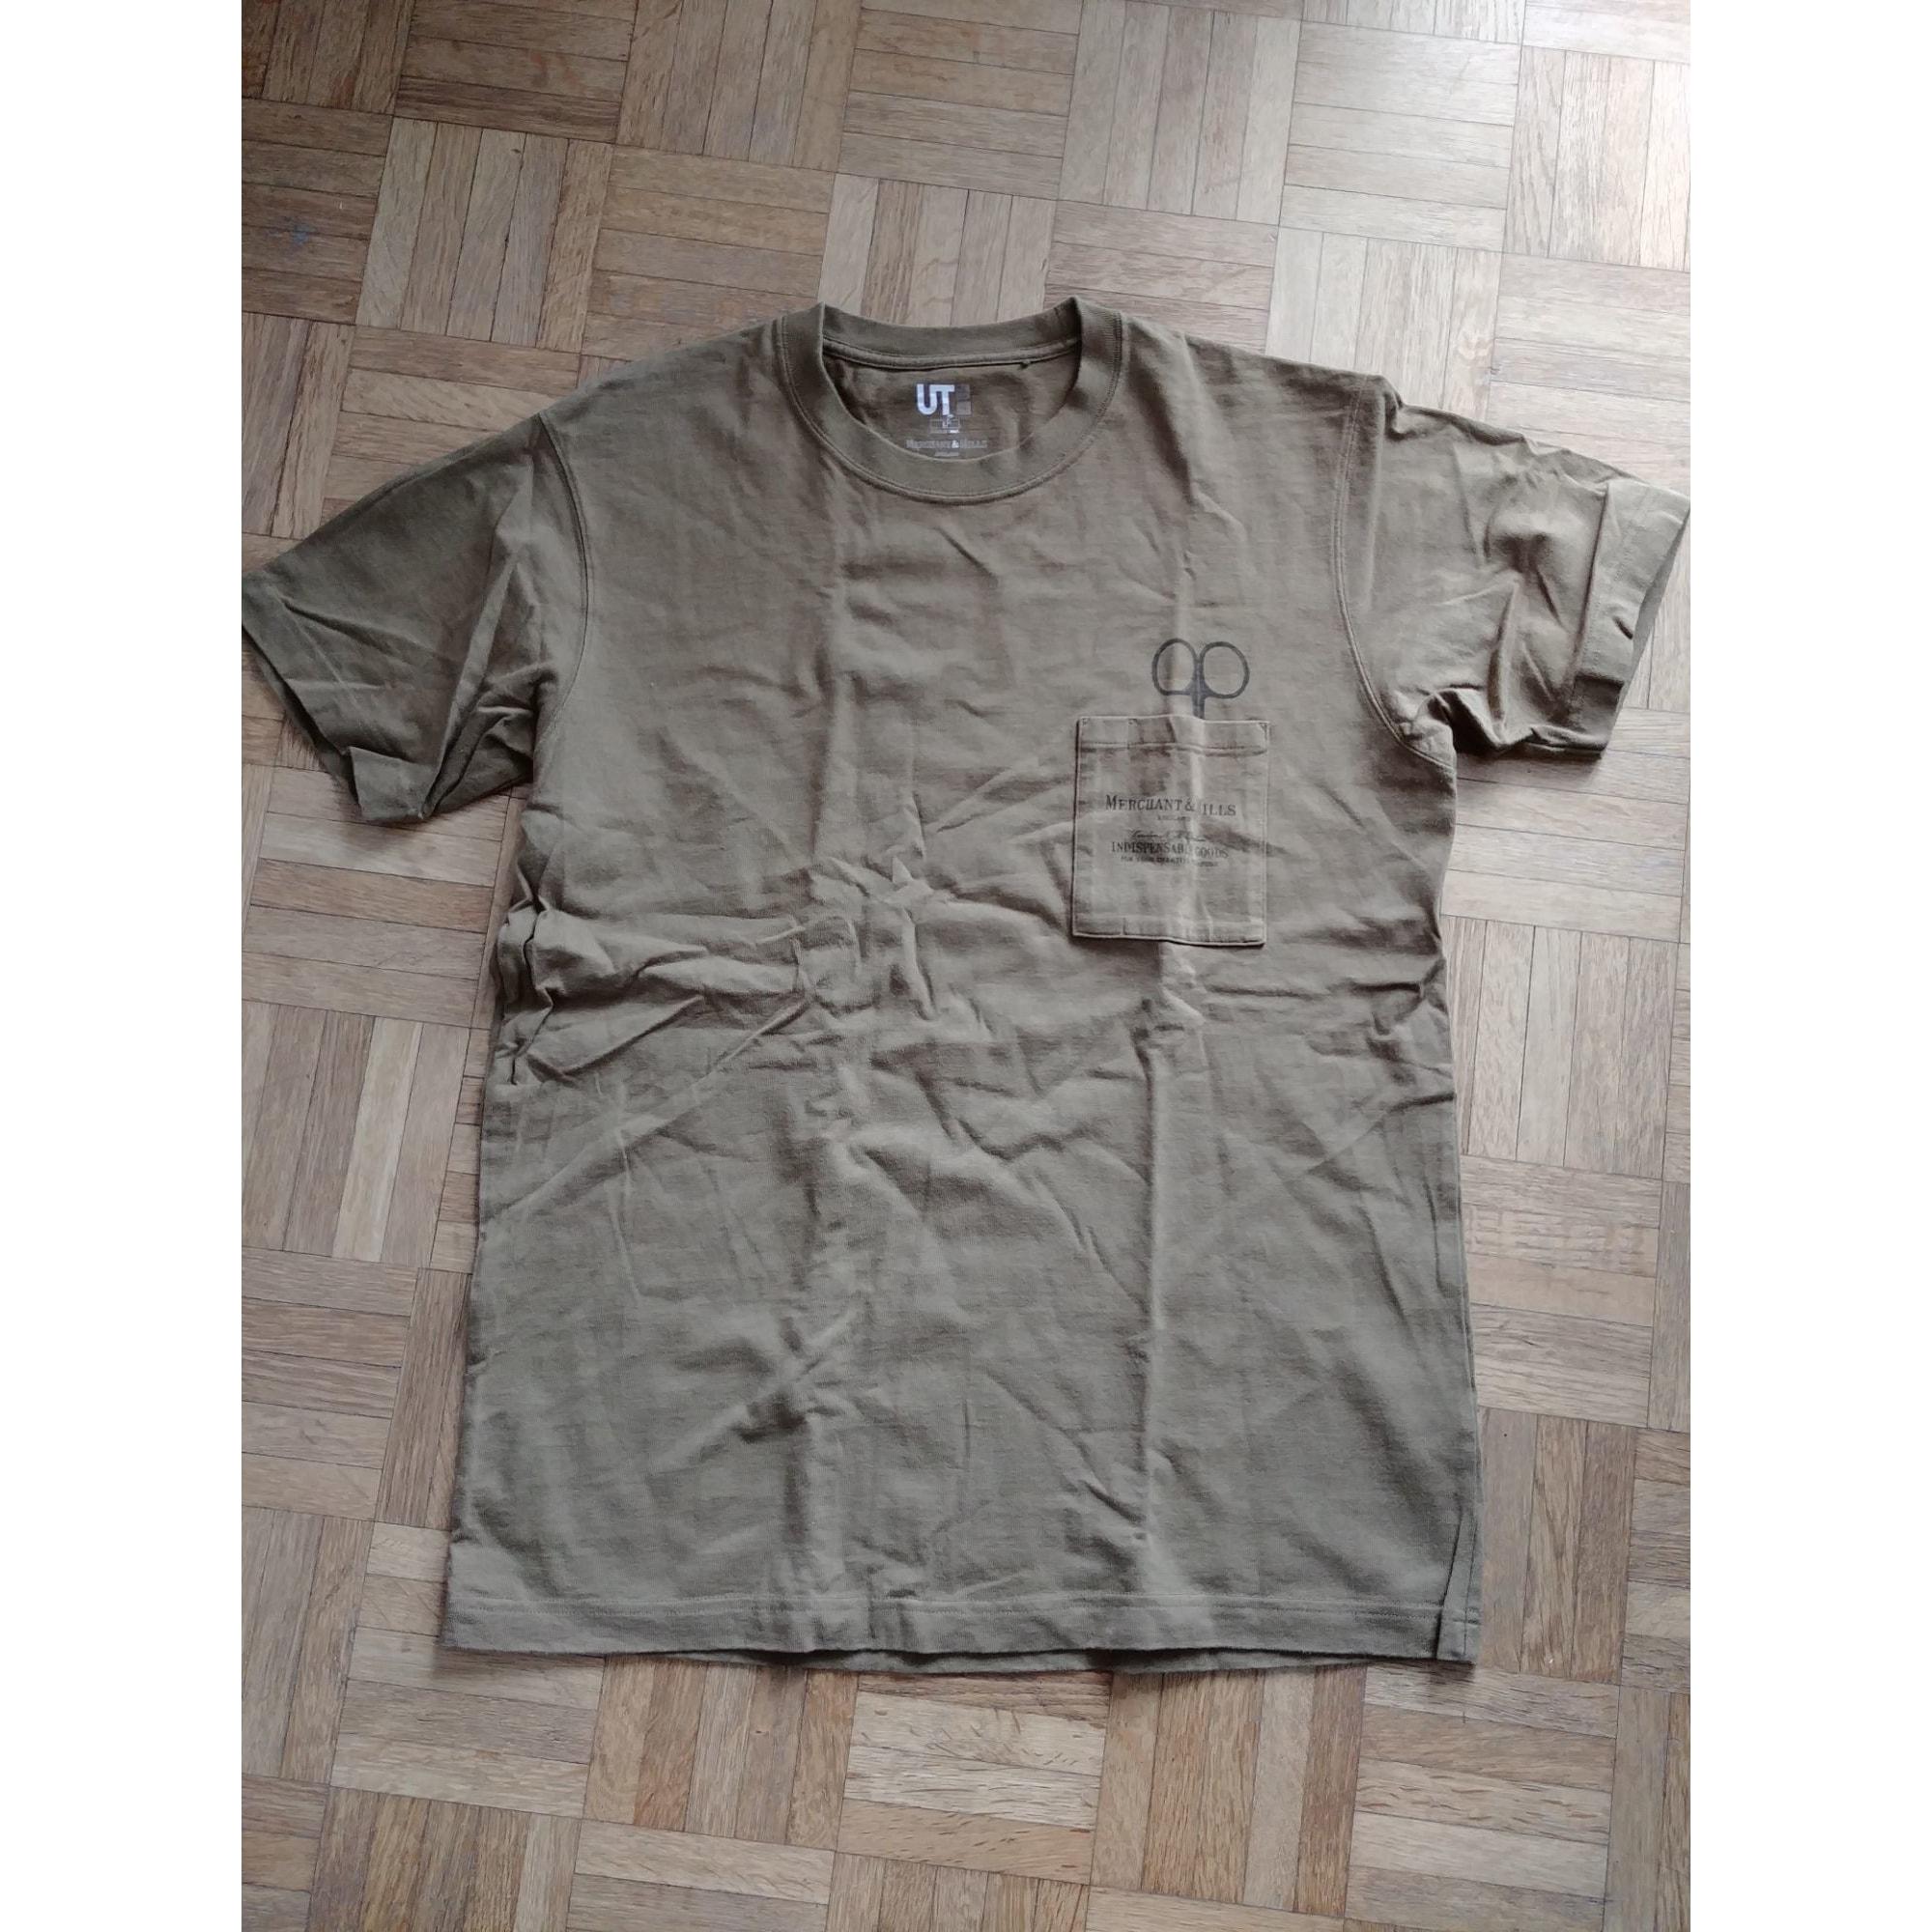 Tee-shirt UNIQLO Kaki